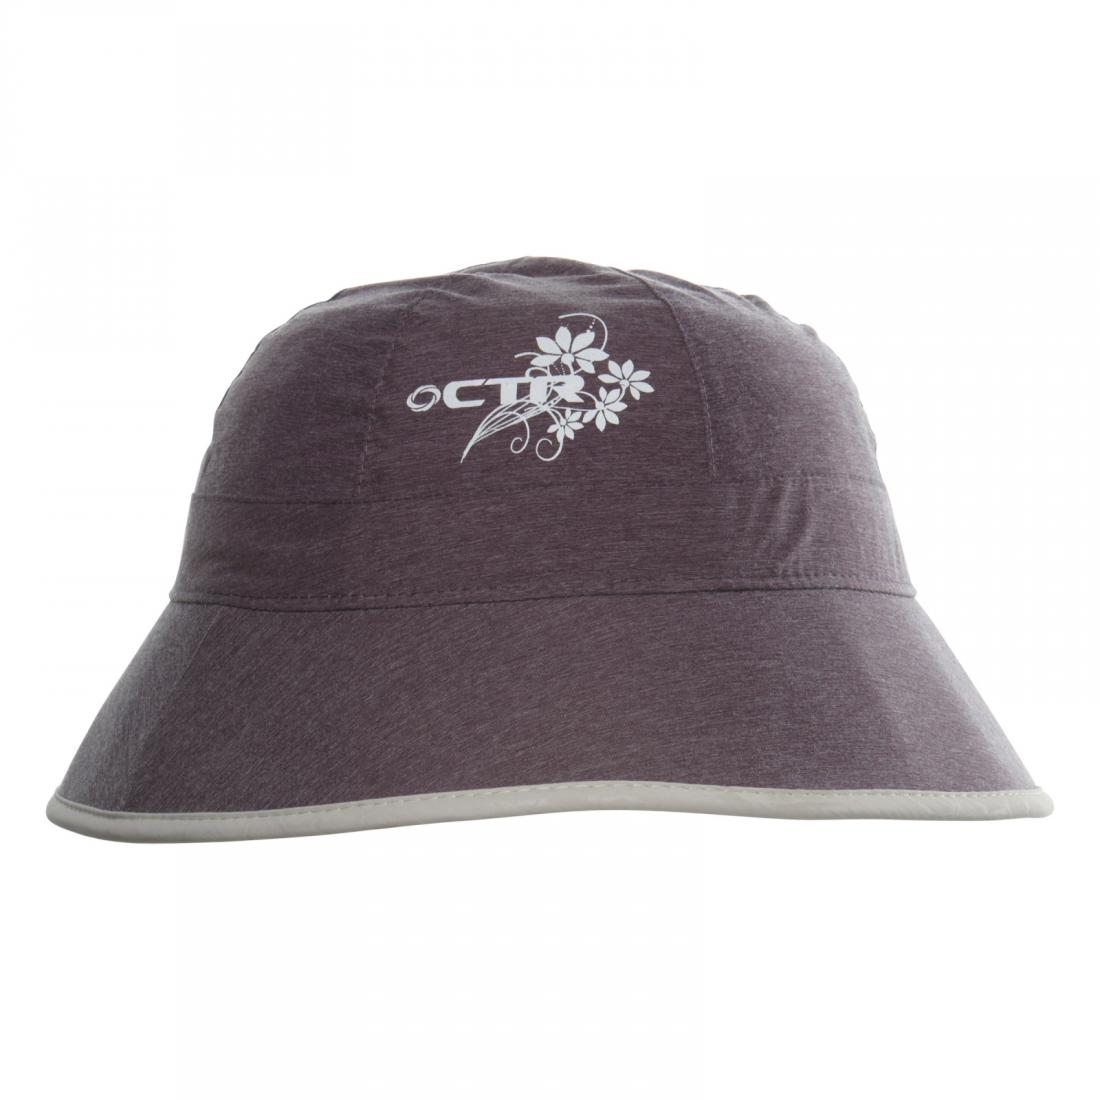 Панама Chaos  Stratus Cloche Rain Hat (женс)Панамы<br><br> Яркая дождевая женская панама Chaos Stratus Cloche Rain Hat станет отличным решением для пасмурного дня. Она функциональна и удобна, имеет привлекательный внешний вид и отличается высоким качеством материалов.<br><br><br>Панама выполнена из ...<br><br>Цвет: Фиолетовый<br>Размер: L-XL